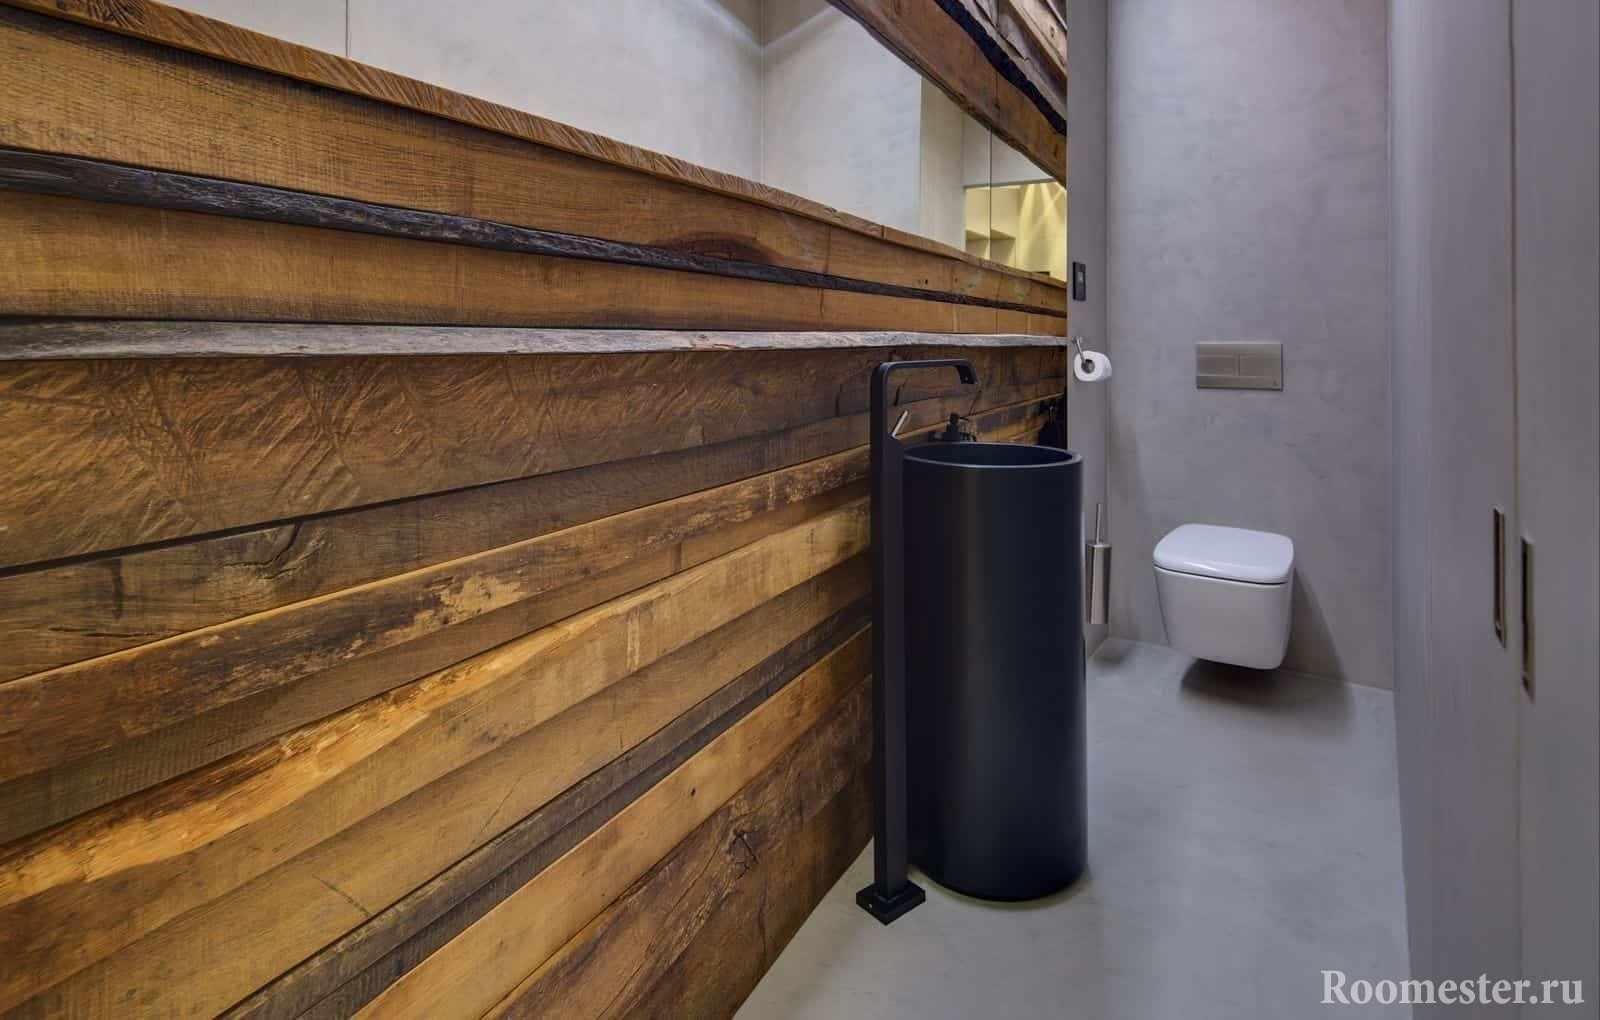 Современный дизайн маленького туалета в эко стиле с необычной раковиной